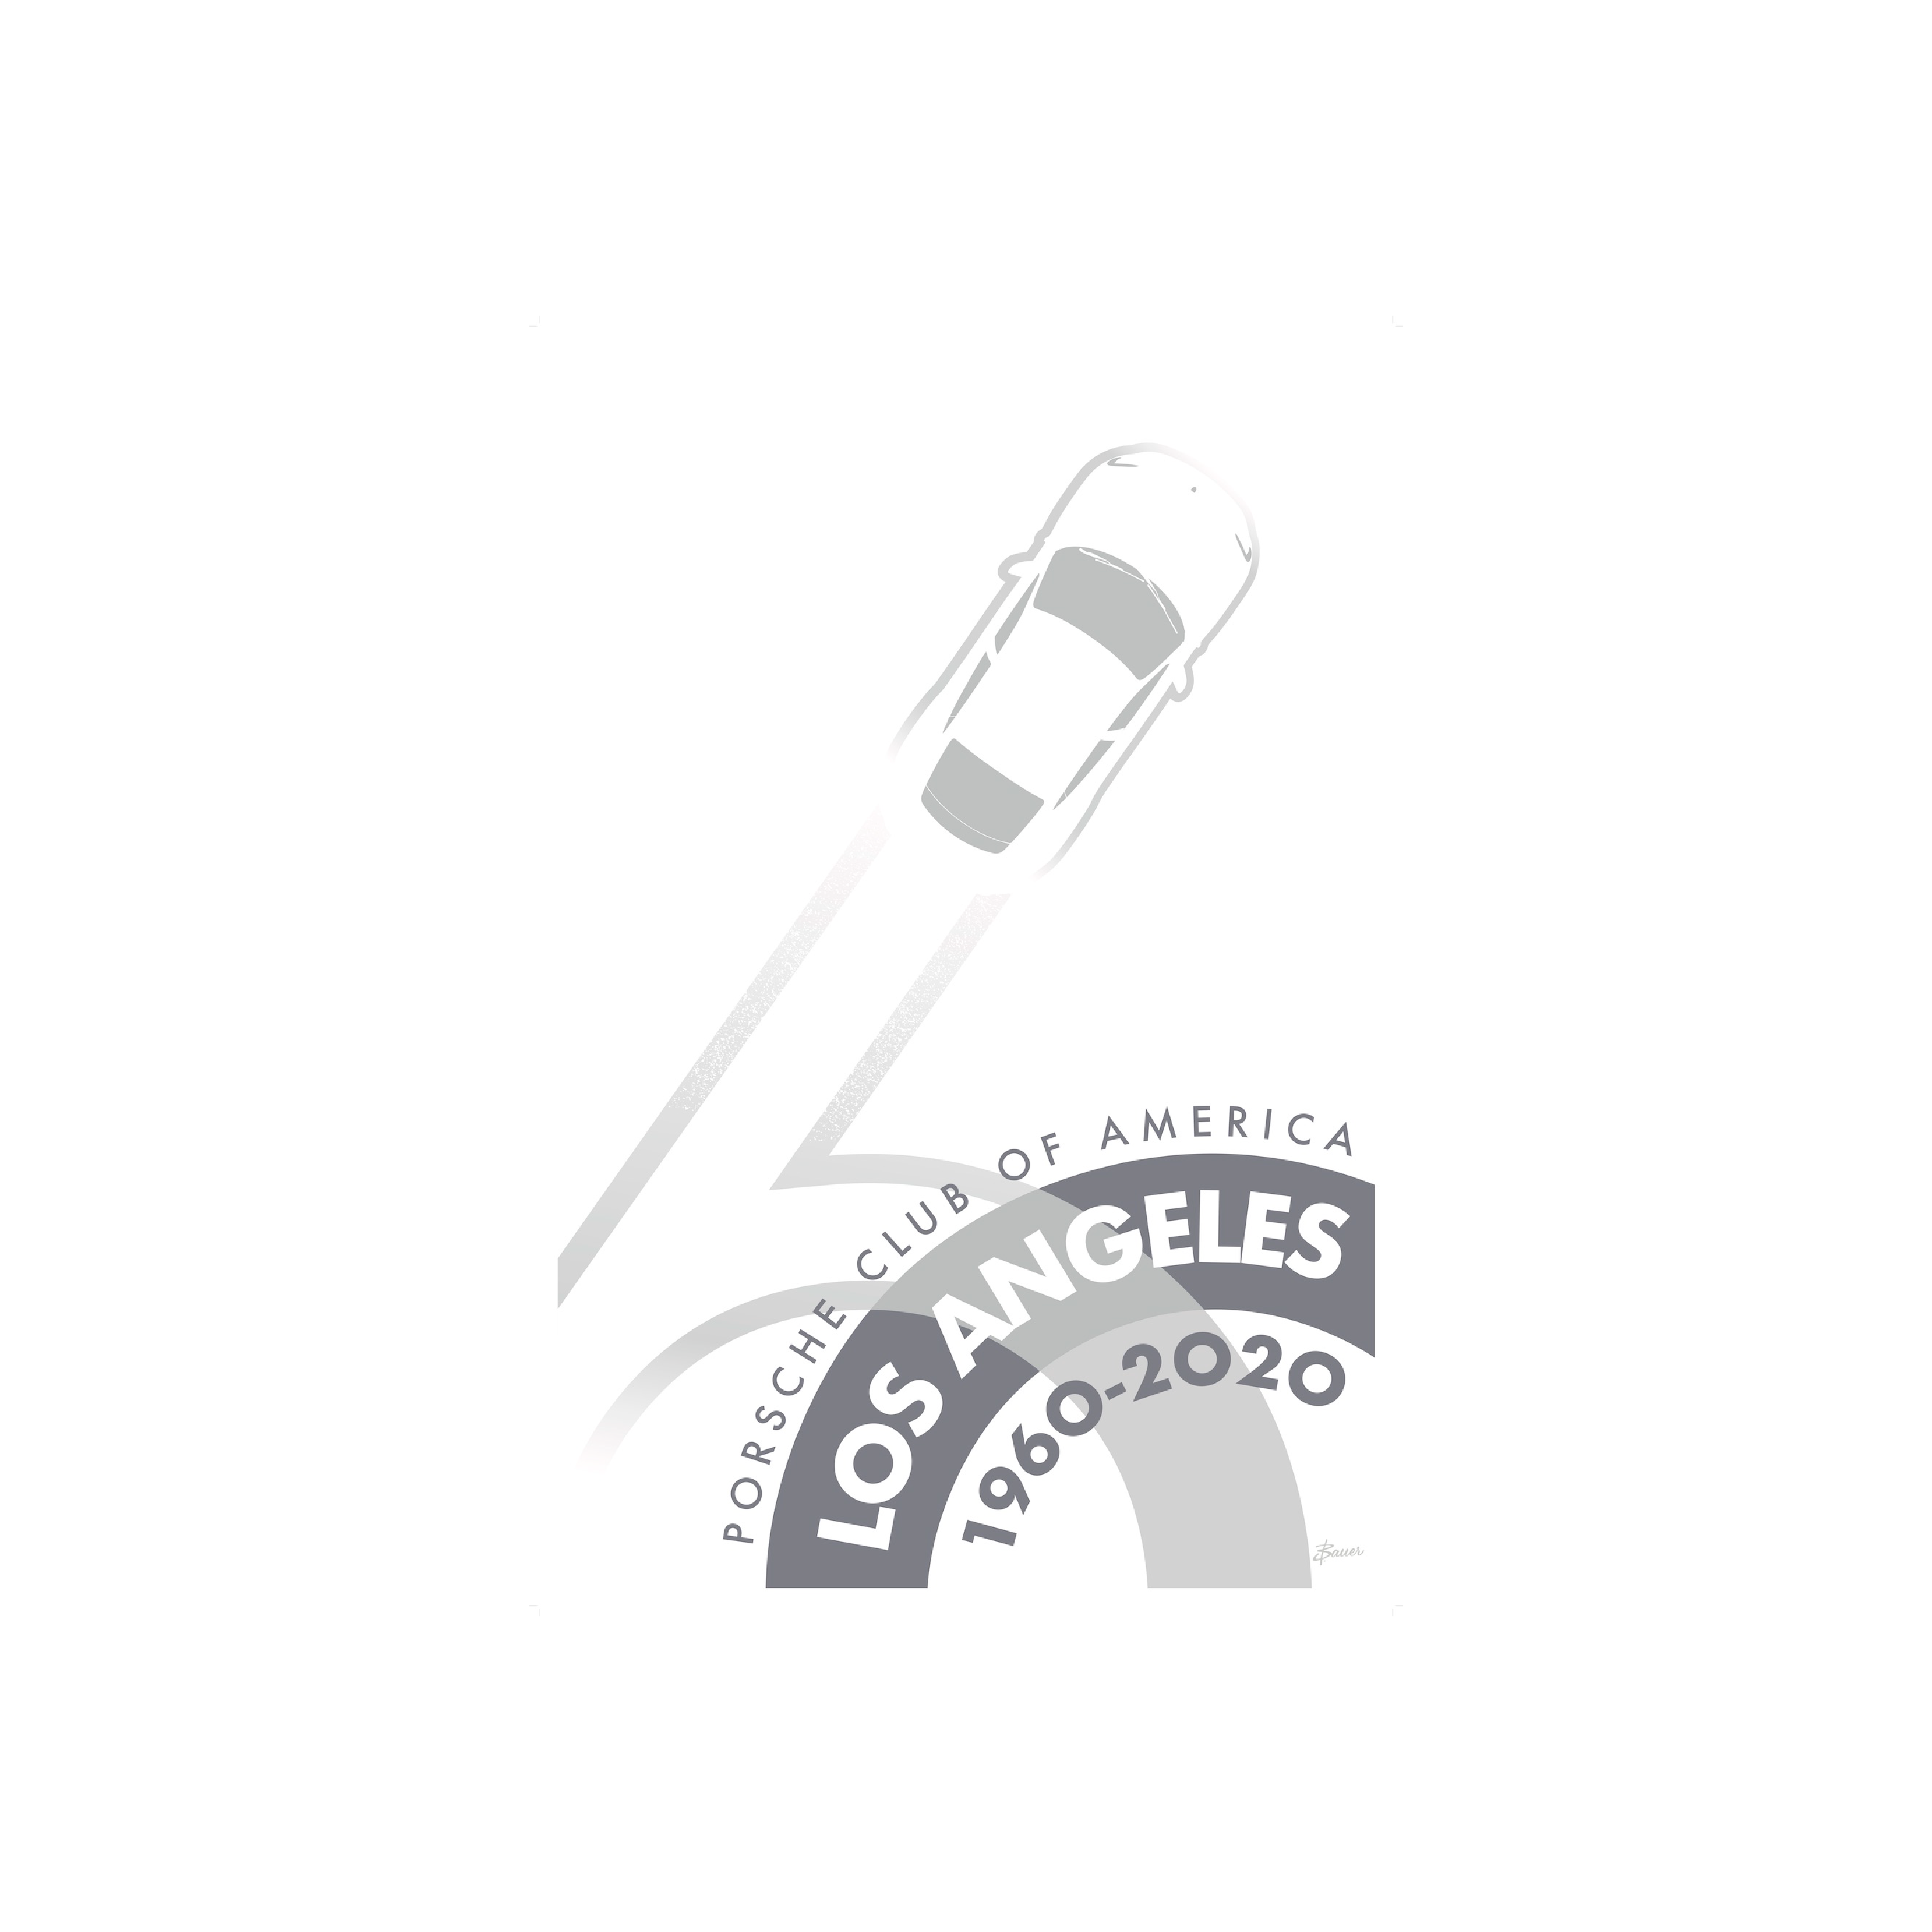 Porsche Club LA 60th Anniv. Limited Edition, 2020 Edition Decal